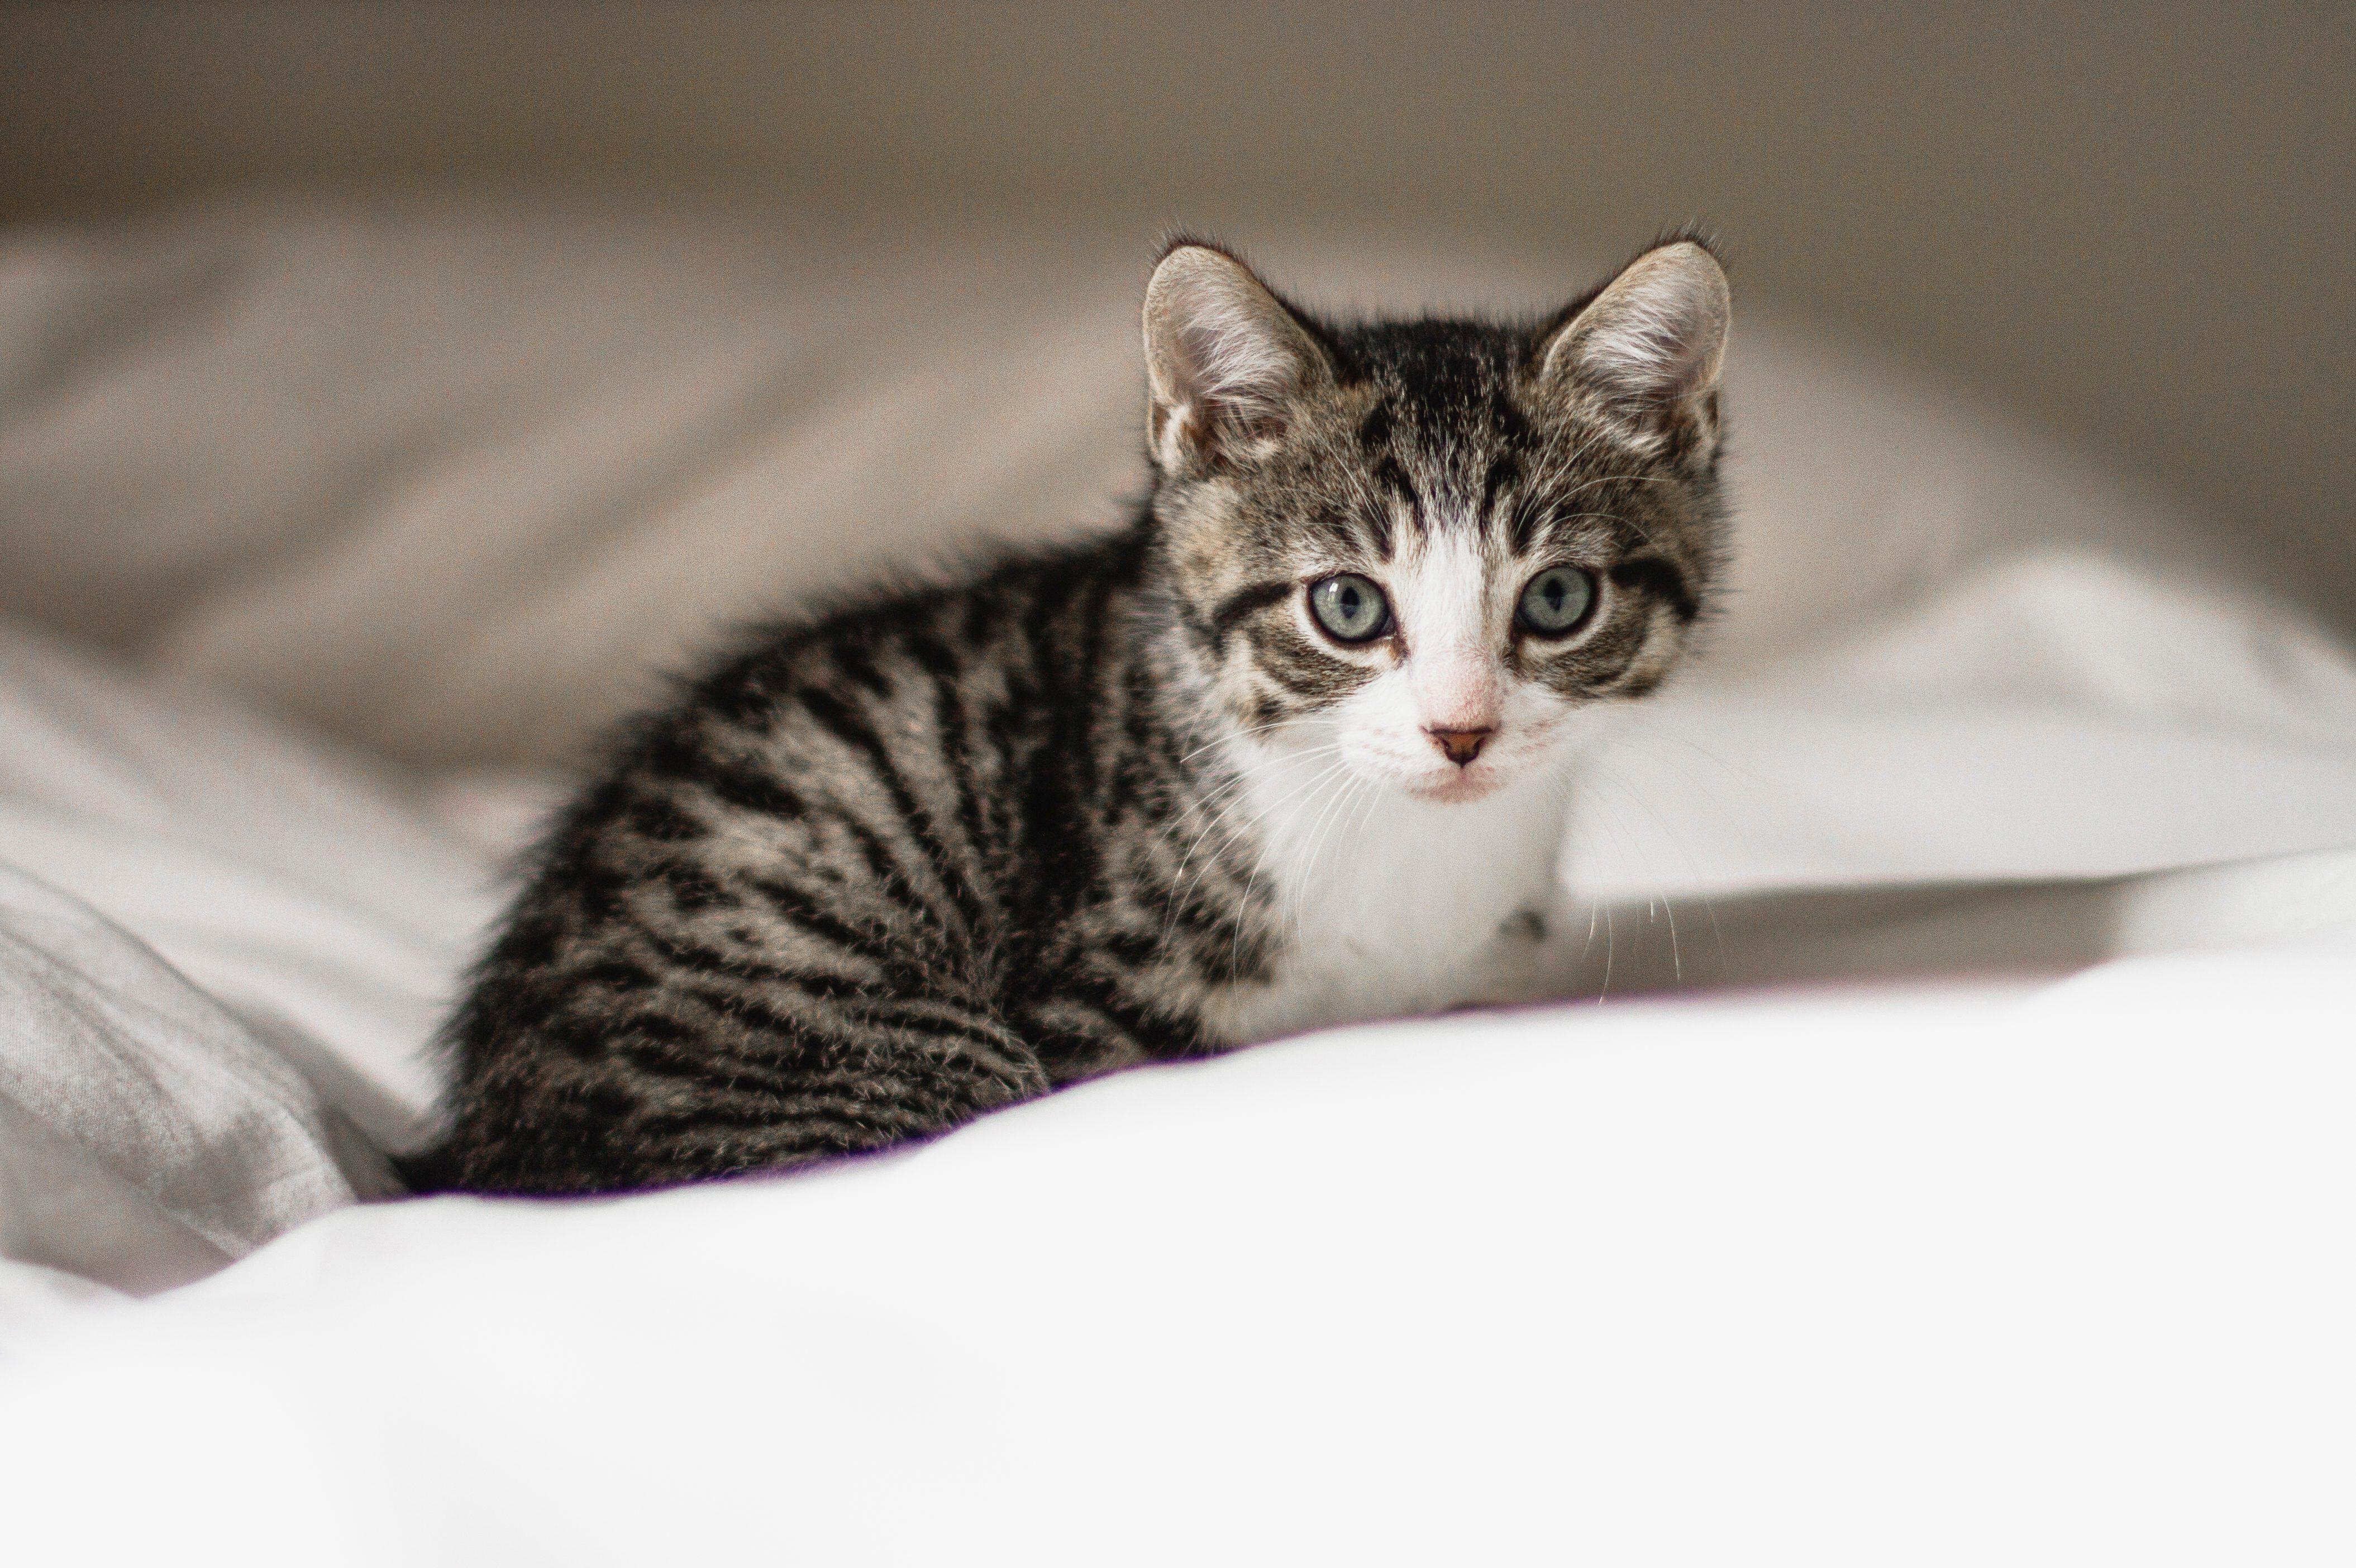 Cute kitten in a bed